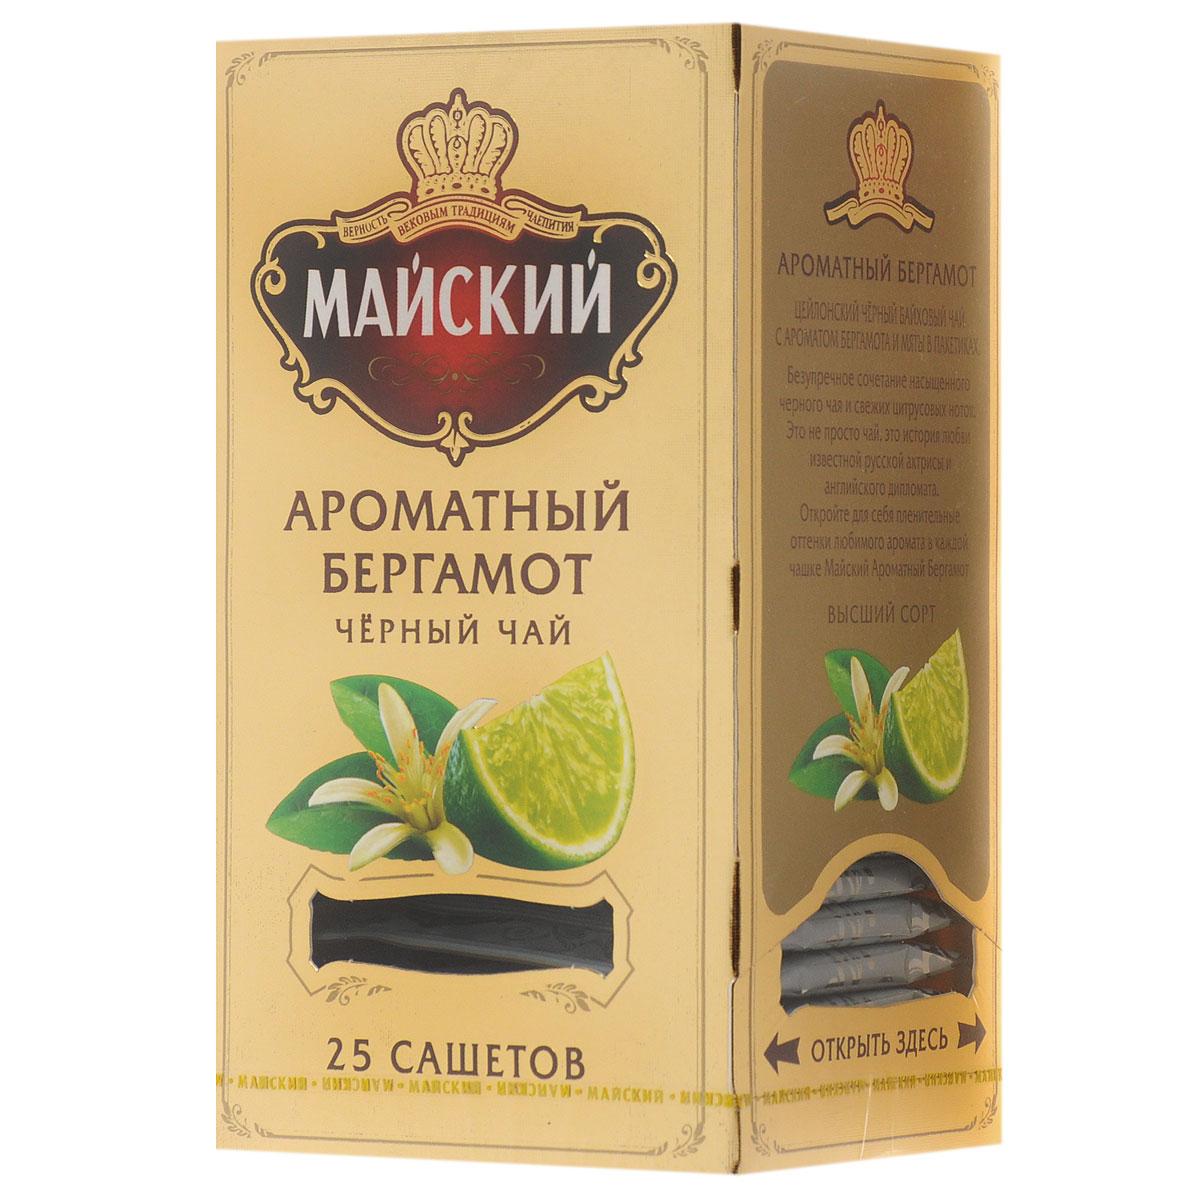 Майский Ароматный Бергамот черный ароматизированный чай в пакетиках, 25 шт0120710Майский Ароматный Бергамот - безупречное сочетание насыщенного черного чая и свежих цитрусовых ноток. Откройте для себя пленительные оттенки любимого аромата в каждой чашке.